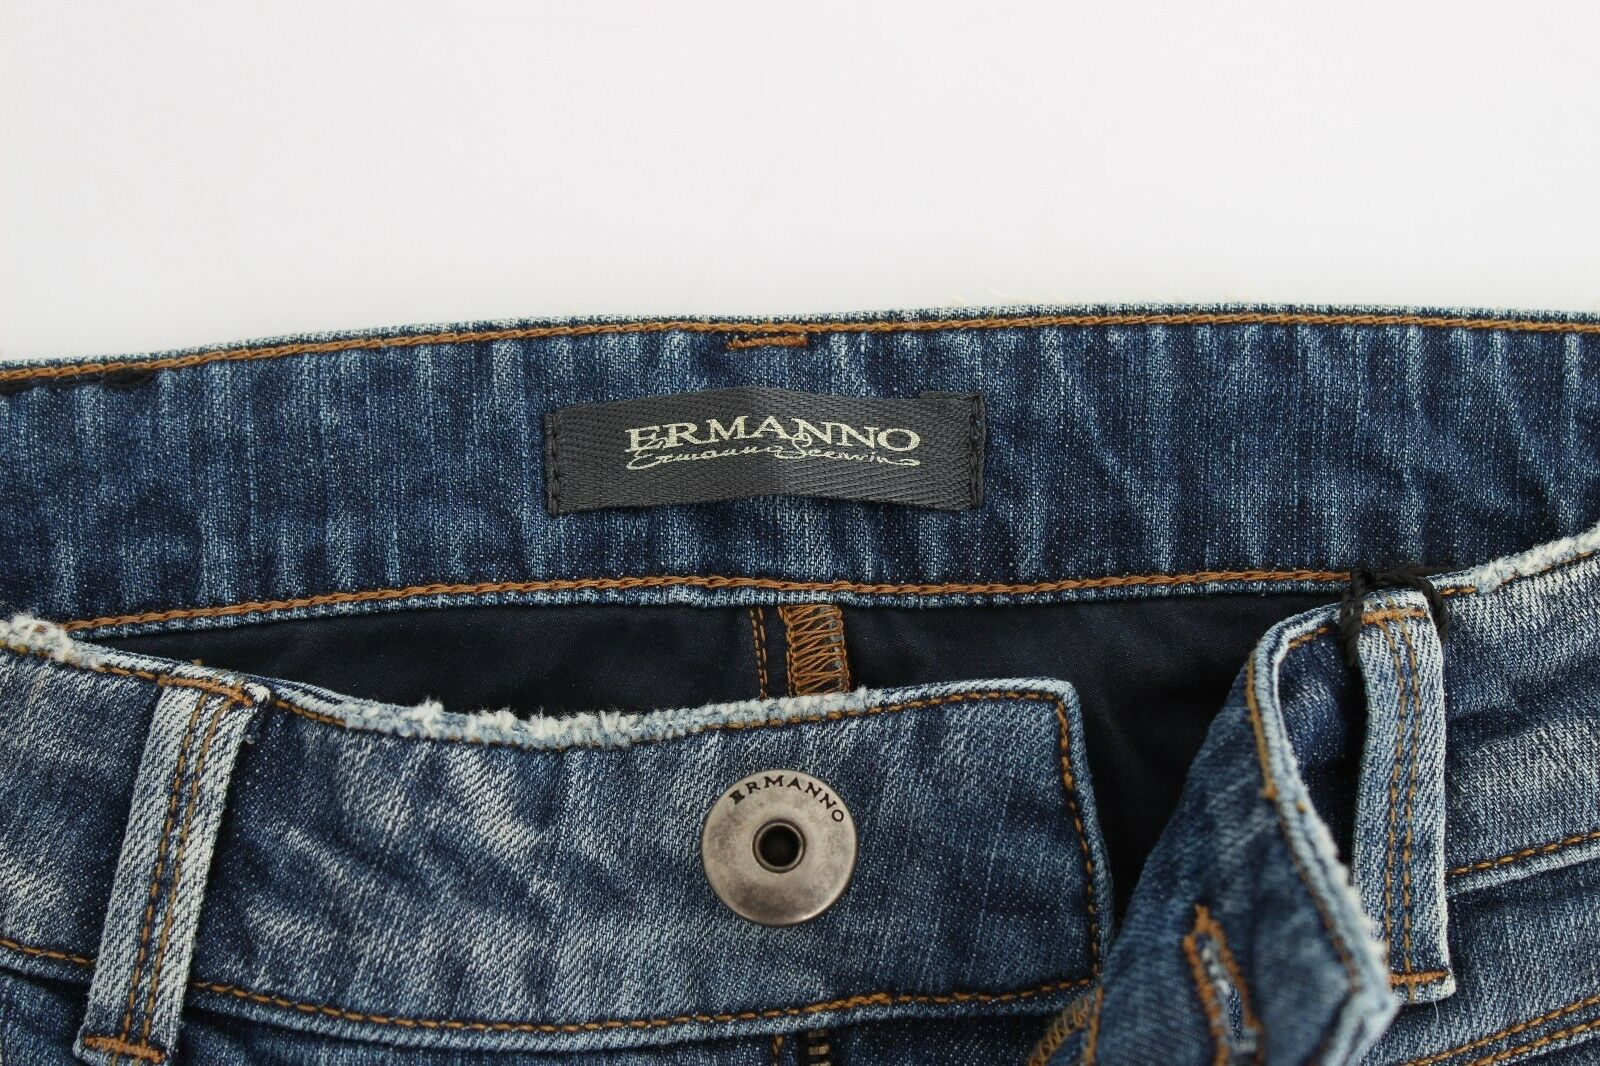 Nuevo    250 Ermanno Scervino Jeans Azul Slim Denim Pantalones Tramo Recto W26 IT40 9a99b0